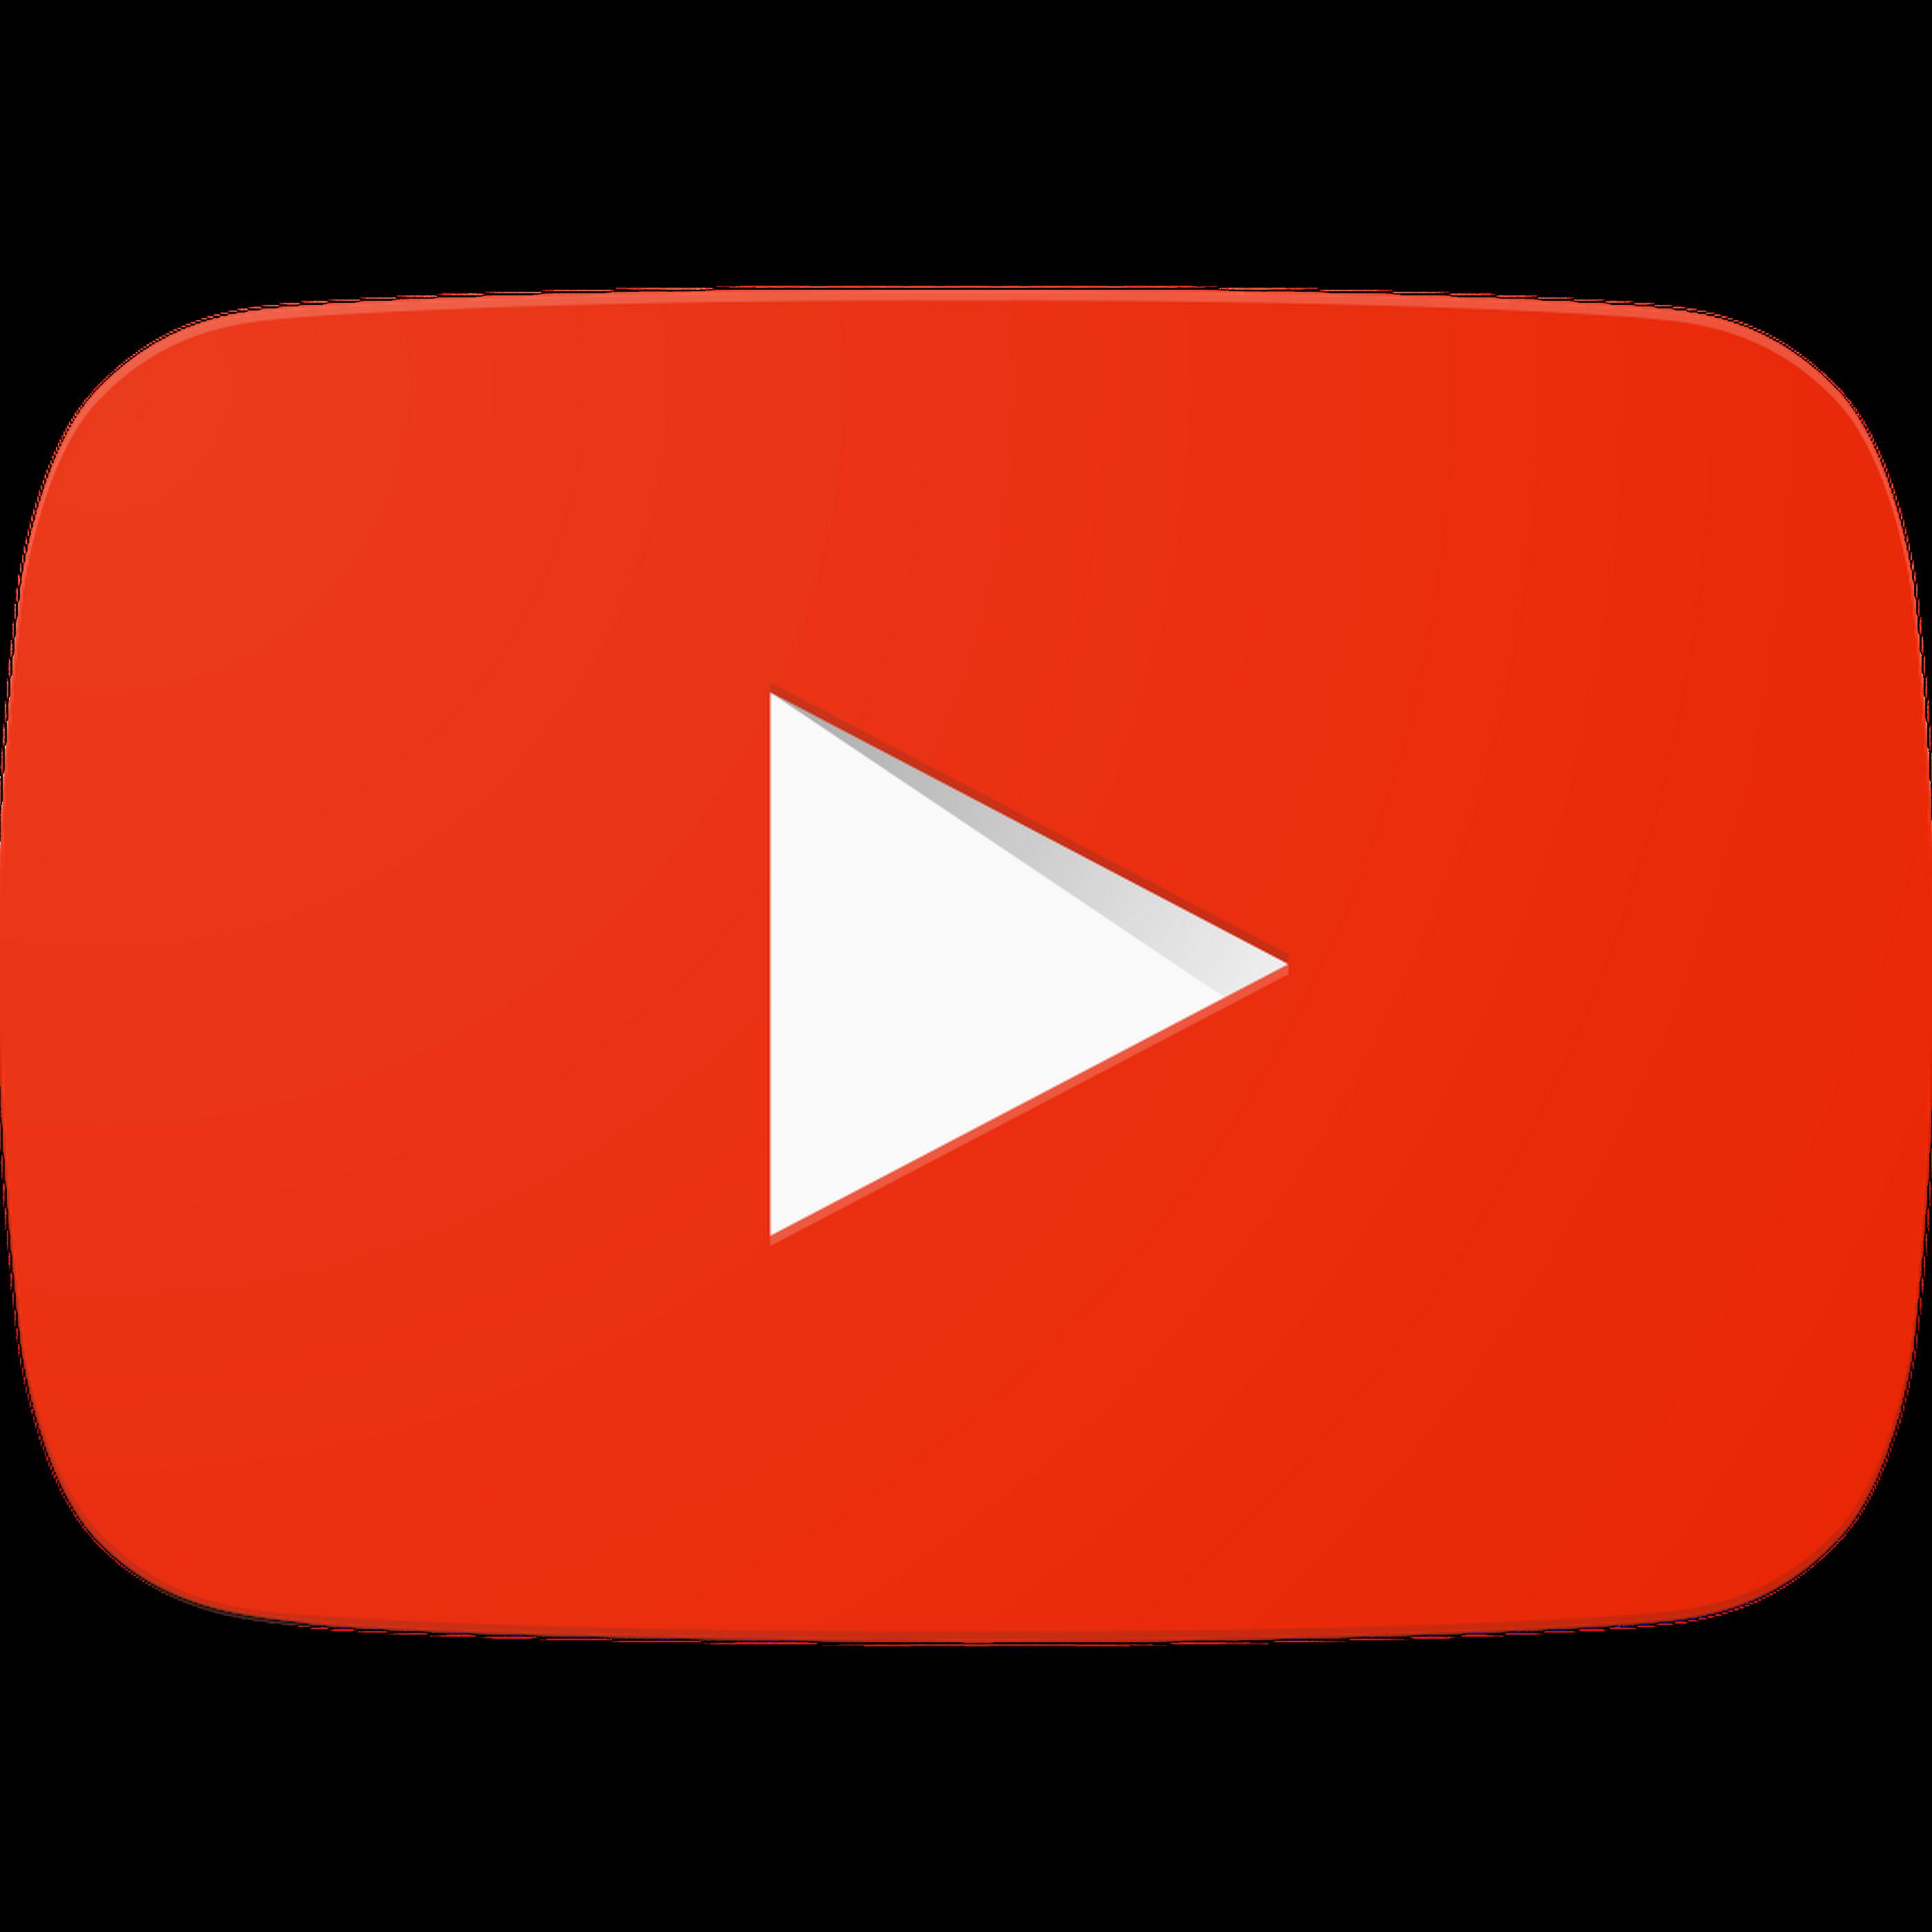 cách tạo tài khoản youtube trên điện thoại ảnh 2